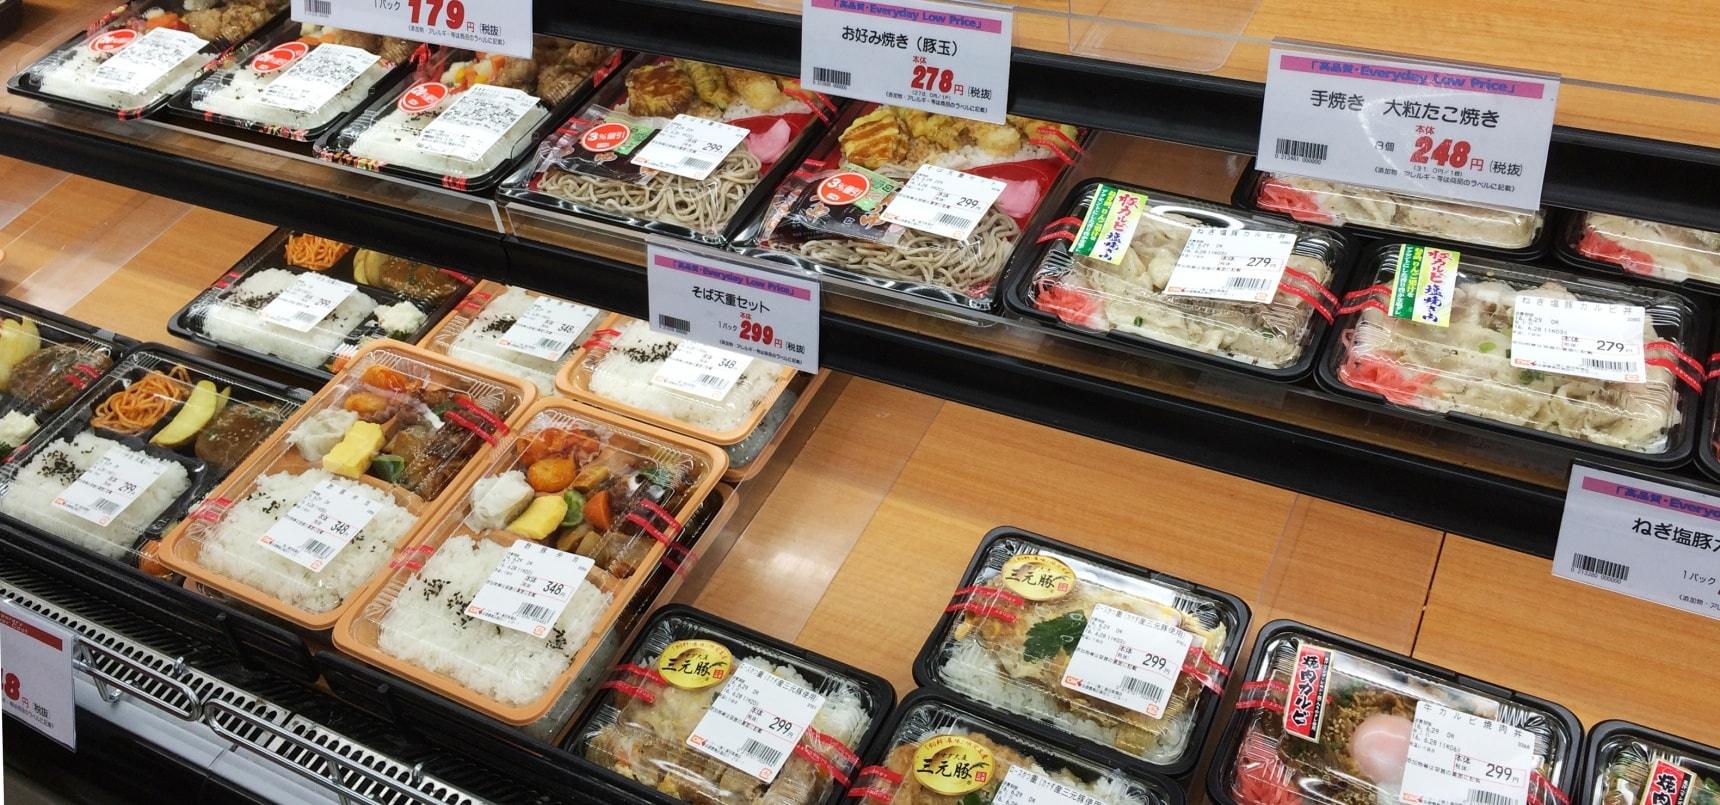 แนะนำ 5 ซูเปอร์มาร์เก็ตถูกและอิ่มของญี่ปุ่น